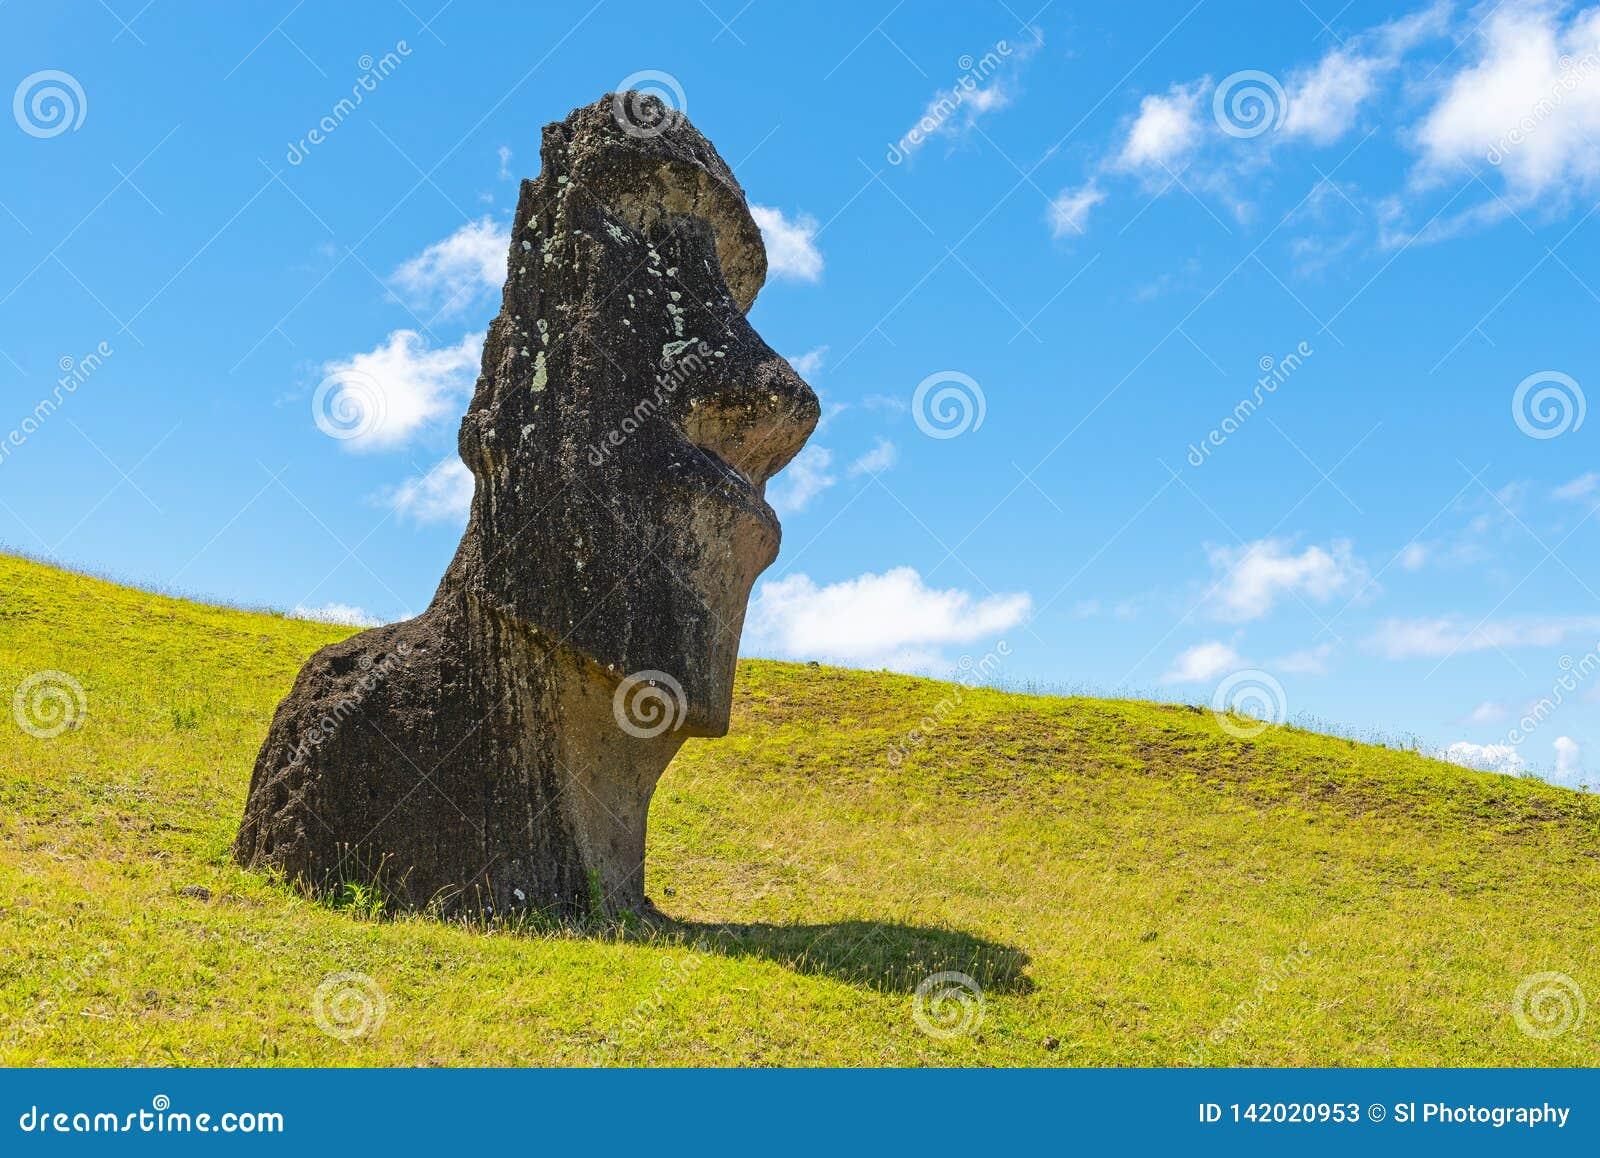 Άγαλμα Moai σε Rano Raraku, νησί Πάσχας, Χιλή